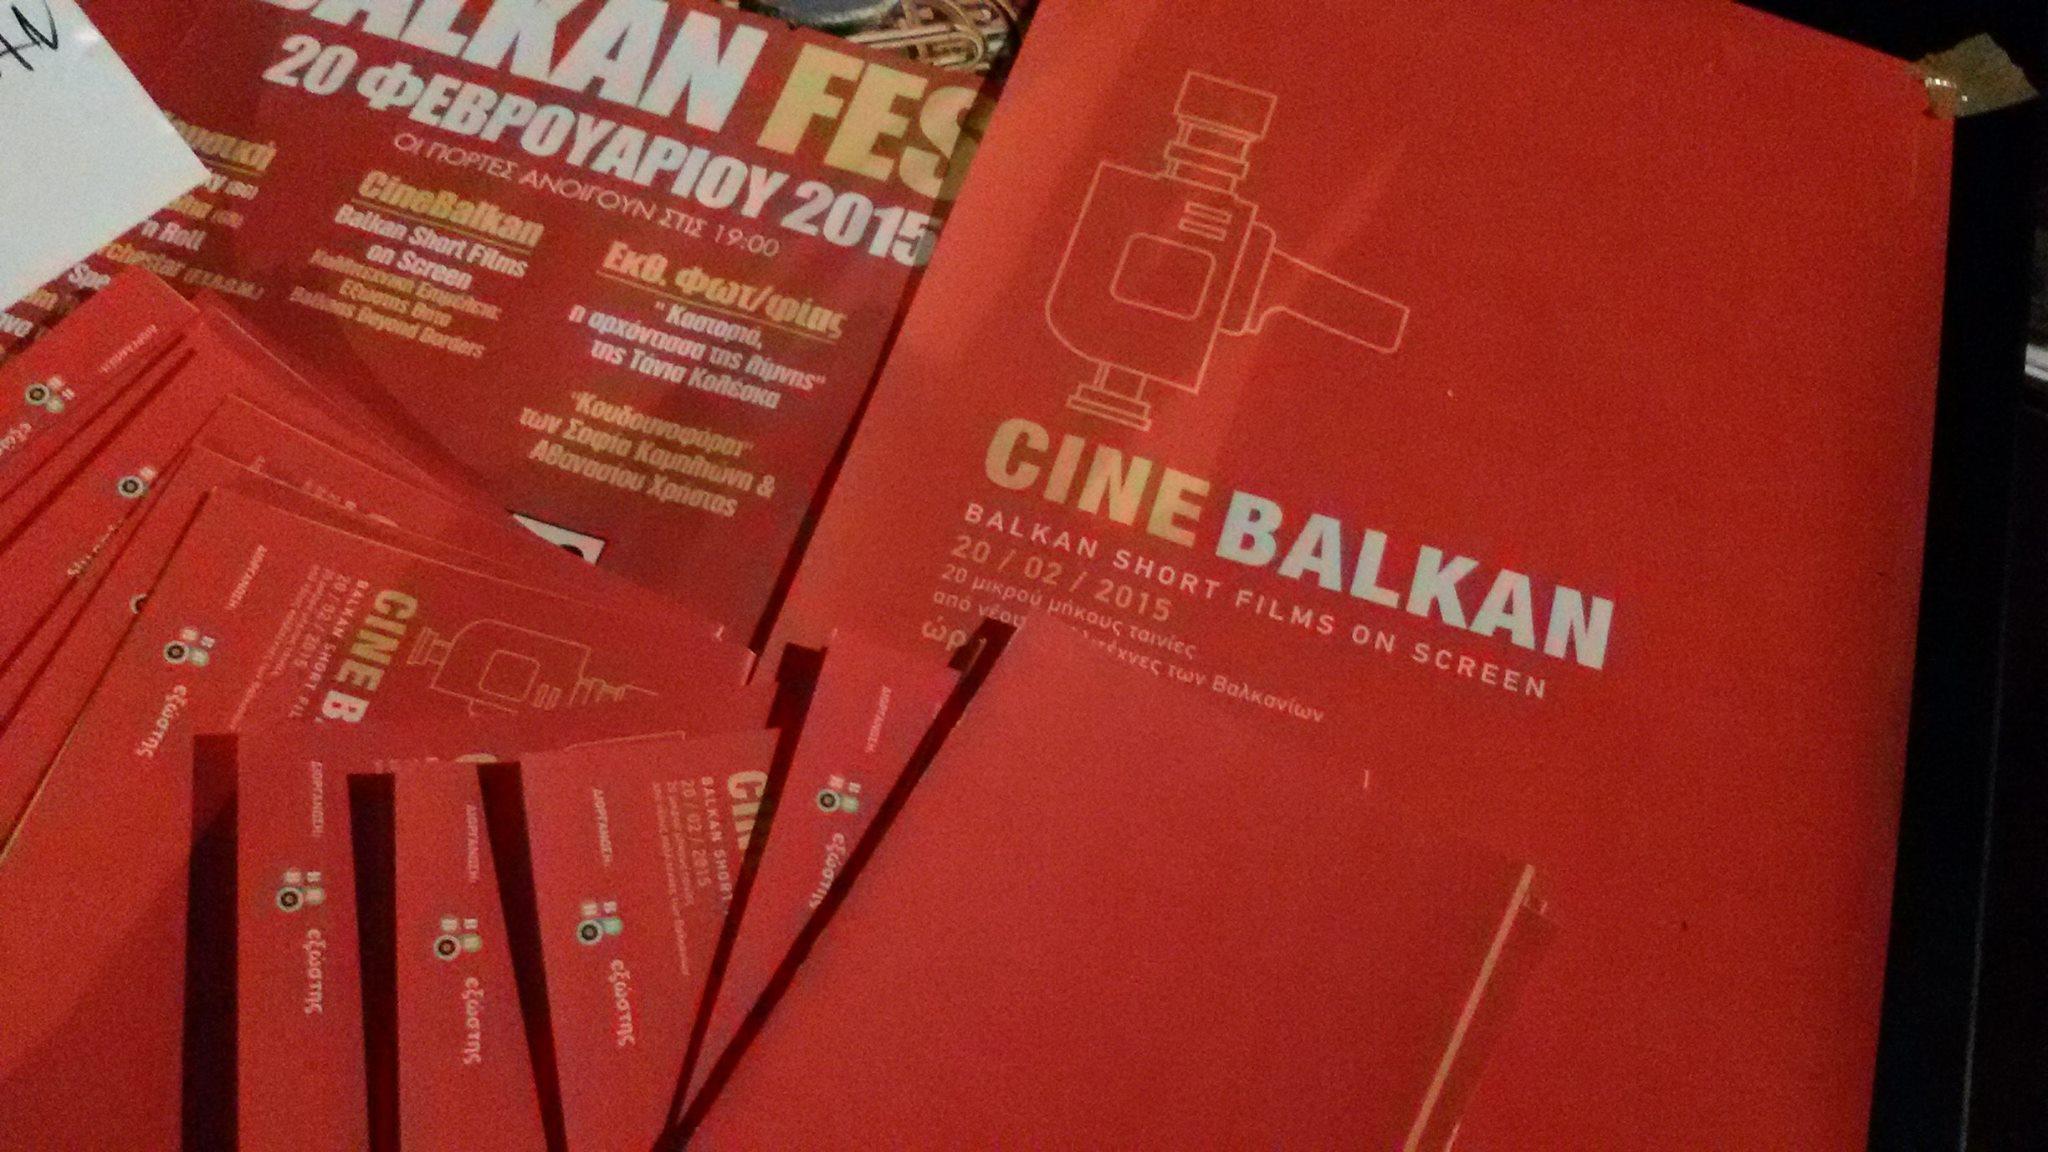 balkanfest